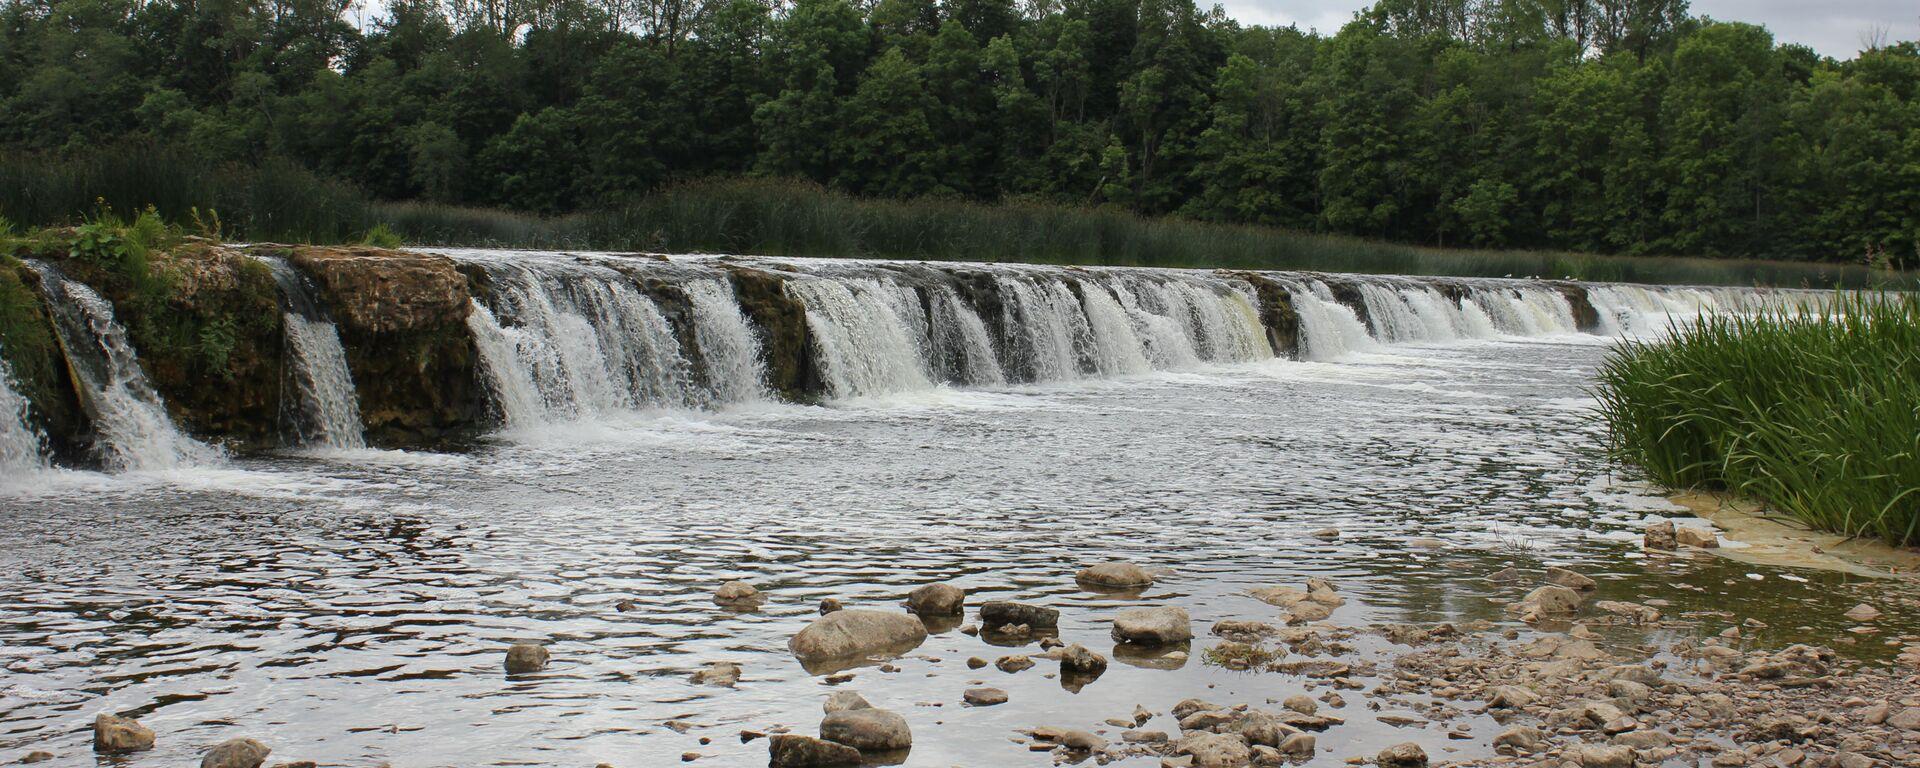 Водопад Вентас-Румба в Кулдиге, Латвия - Sputnik Латвия, 1920, 29.08.2021